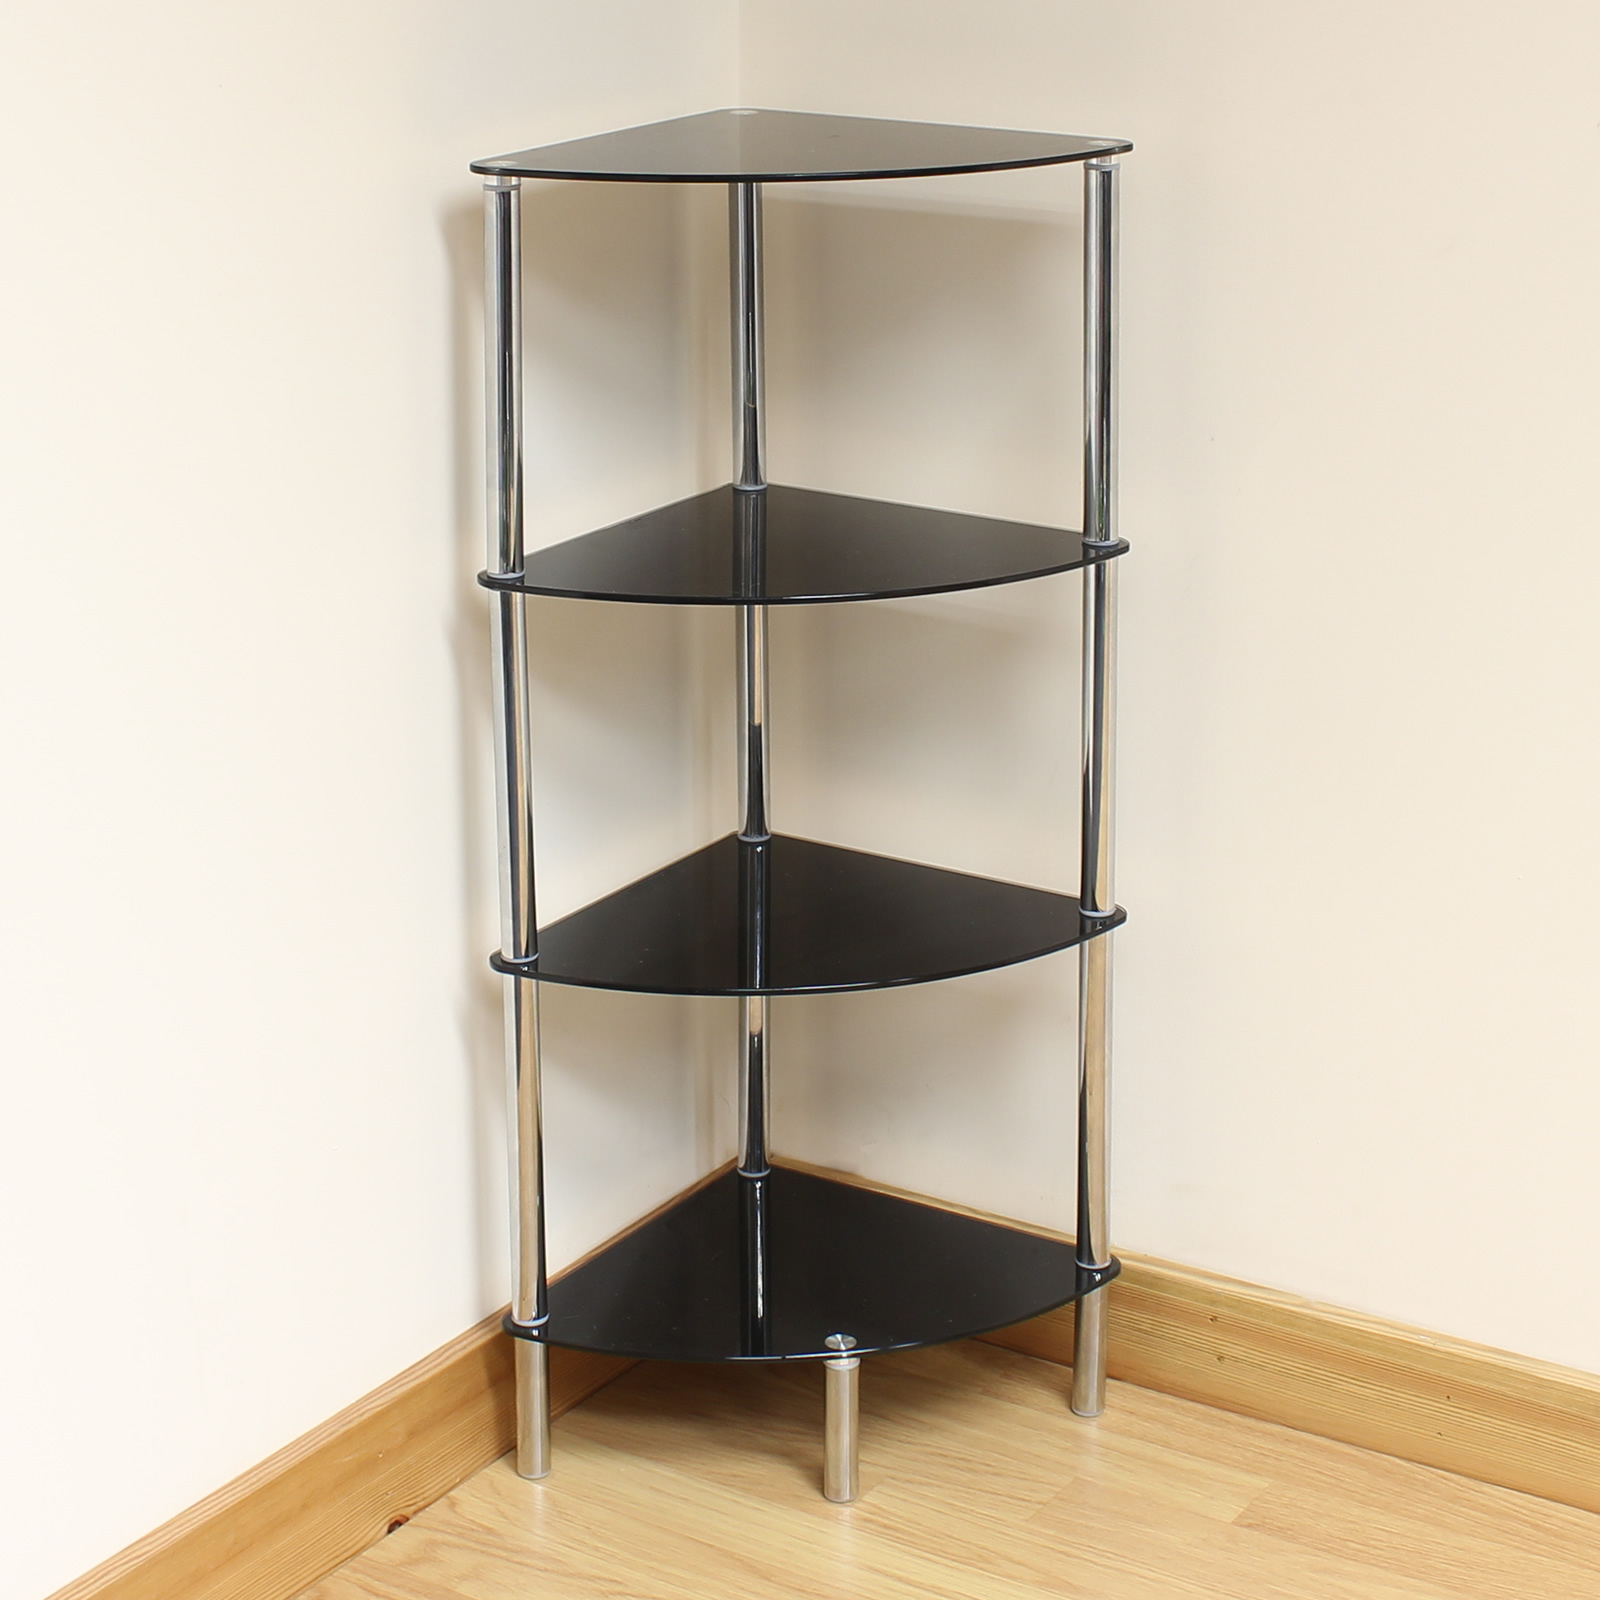 hartleys 4 tier black glass corner side end table shelf display unit lounge hall ebay. Black Bedroom Furniture Sets. Home Design Ideas